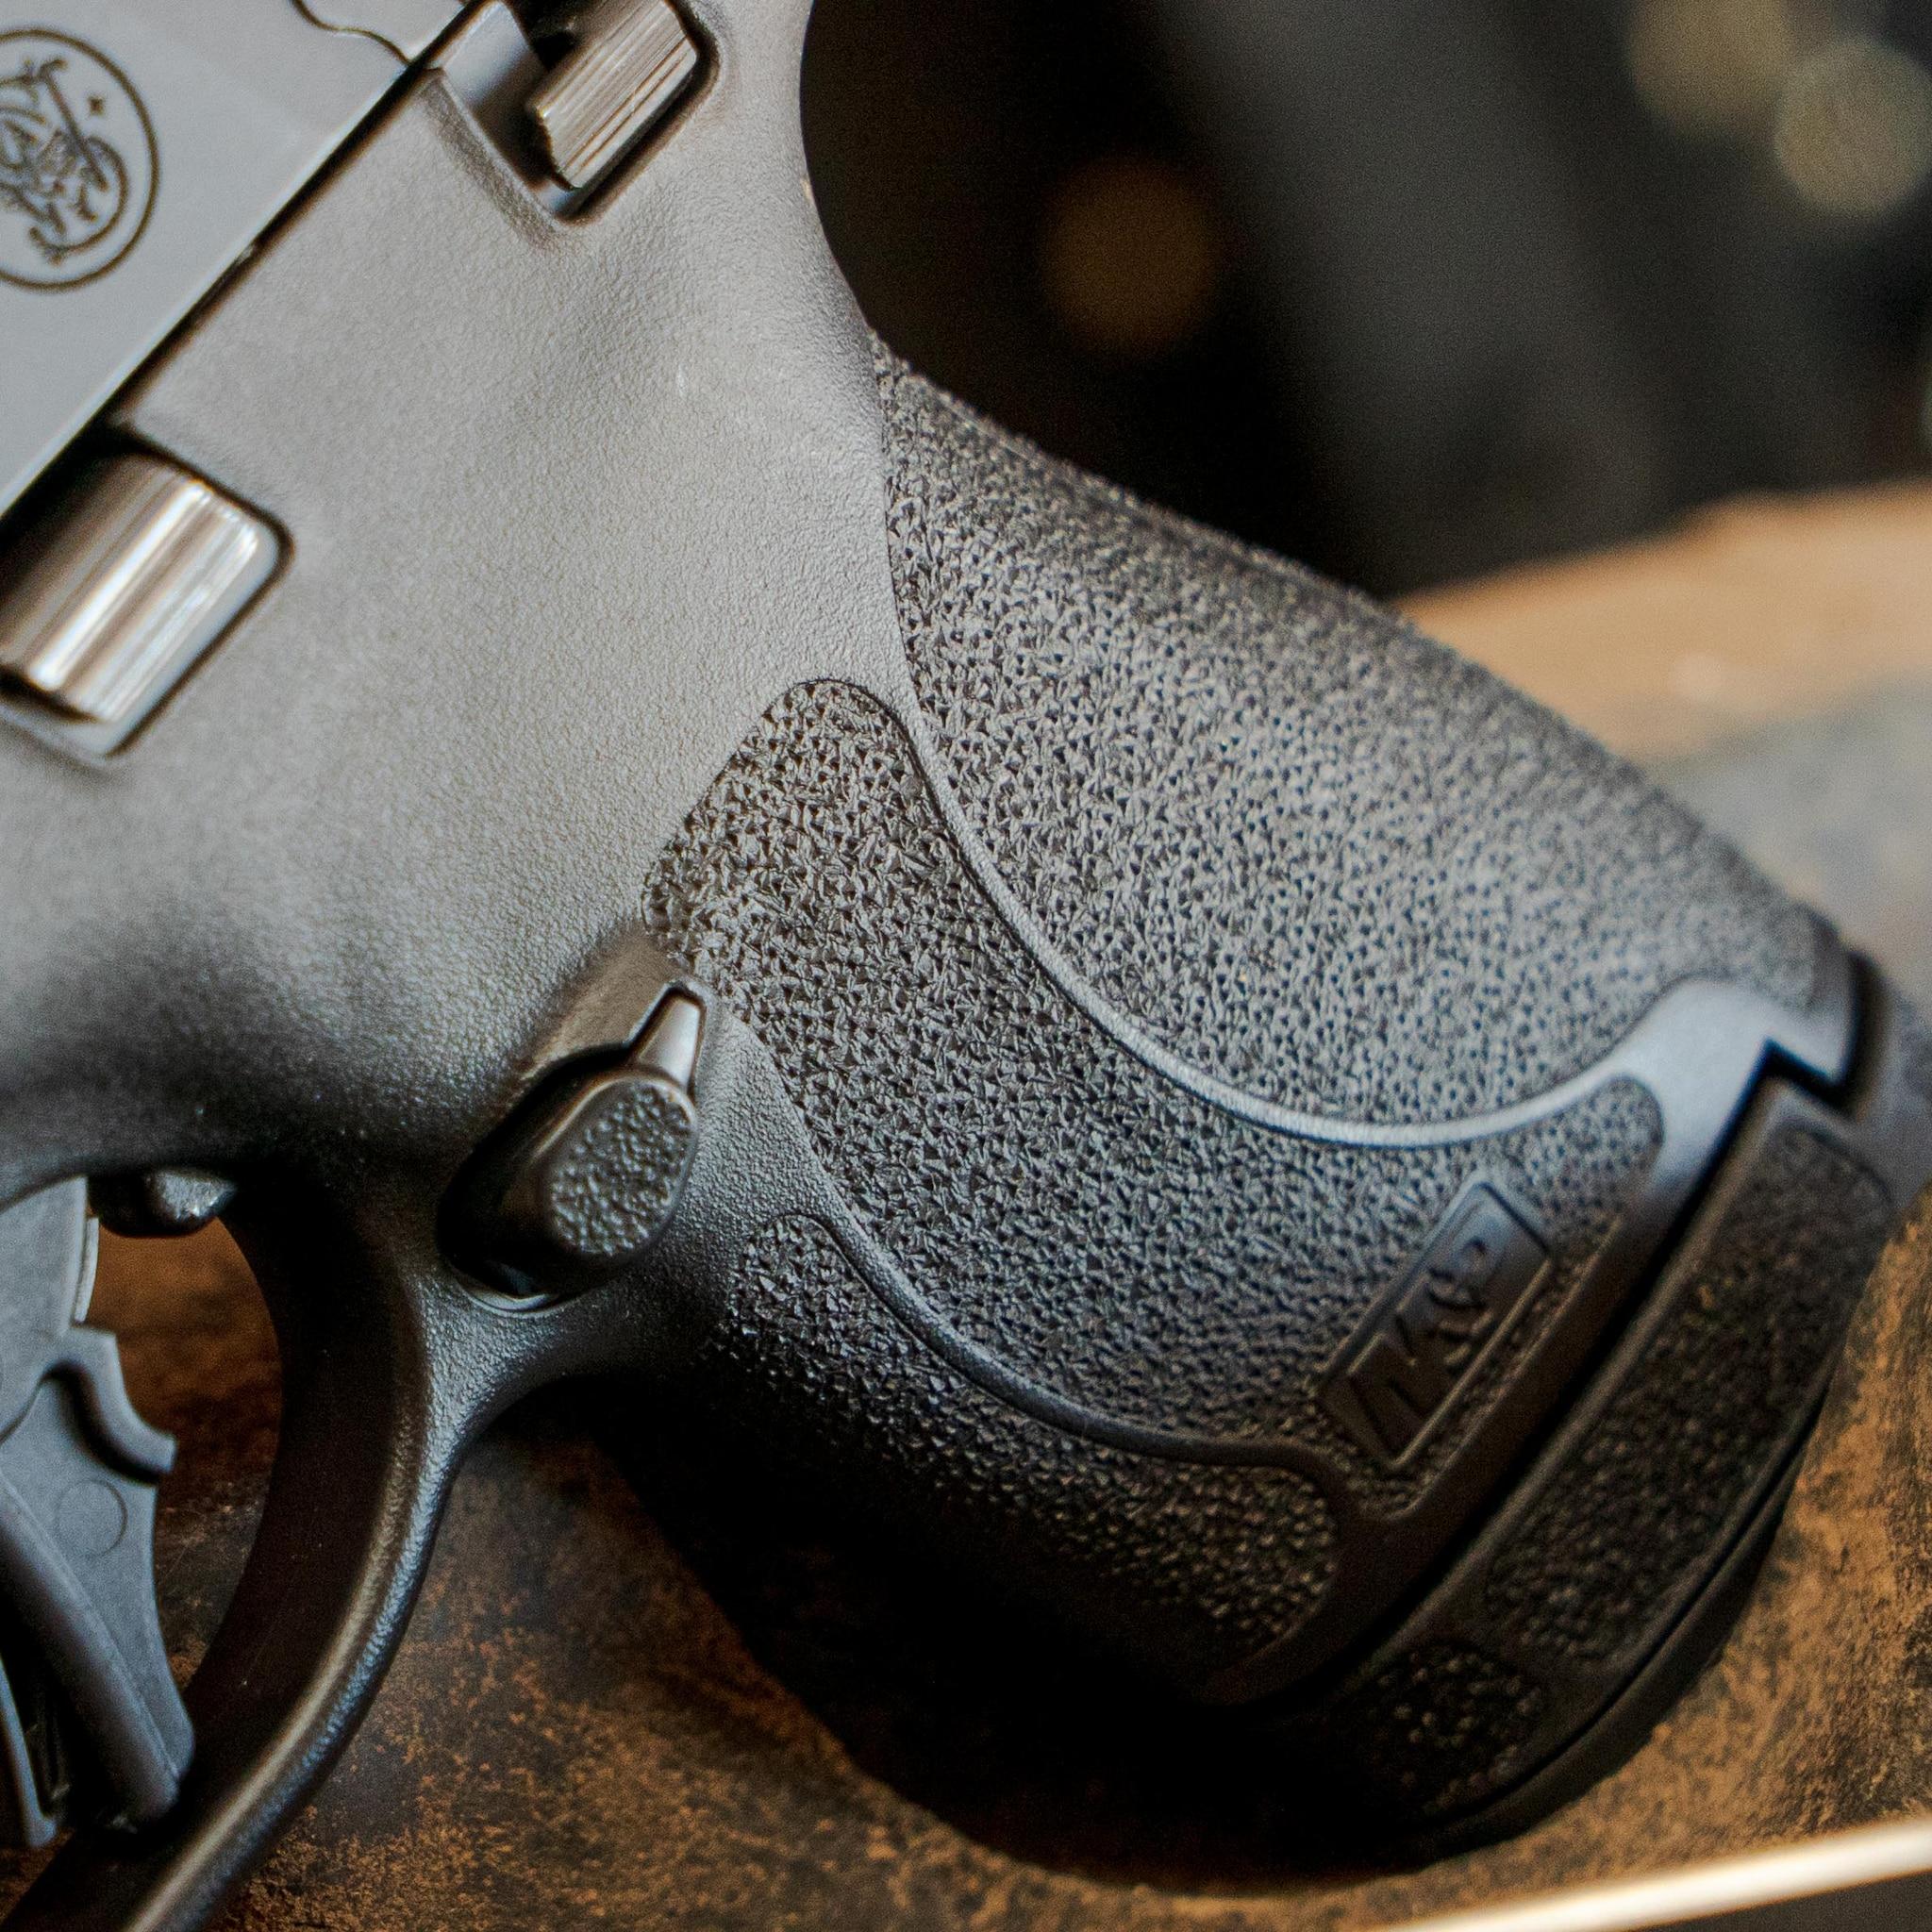 Smith & Wesson M&P 9 Shield Plus Grip Texture